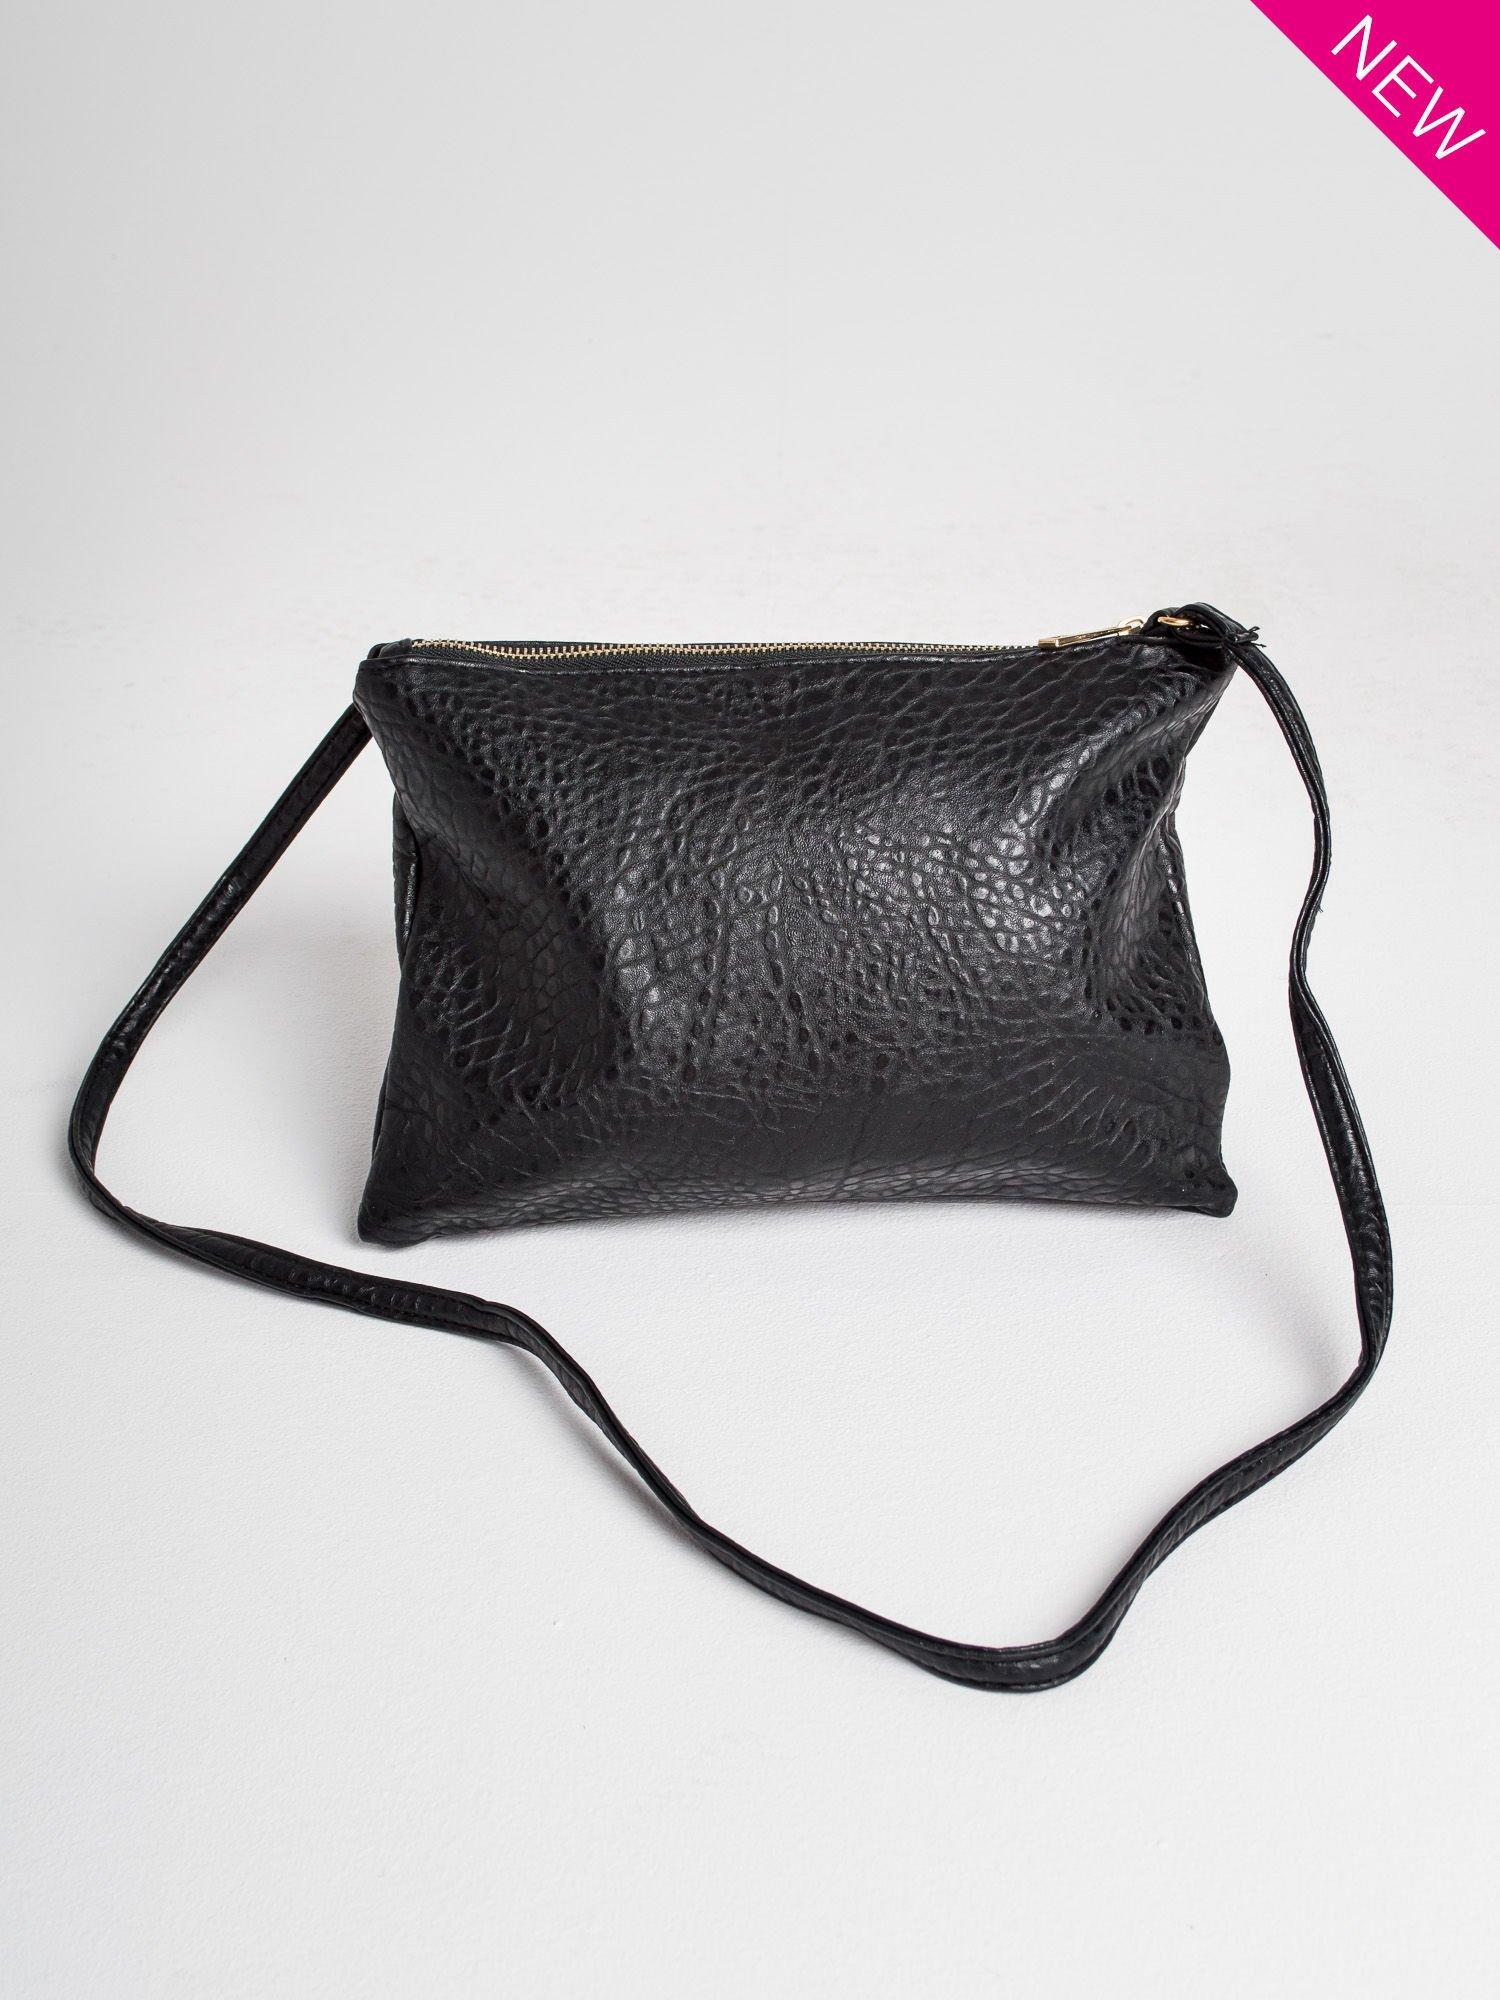 Czarna torebka dwukomorowa z paskiem                                  zdj.                                  1